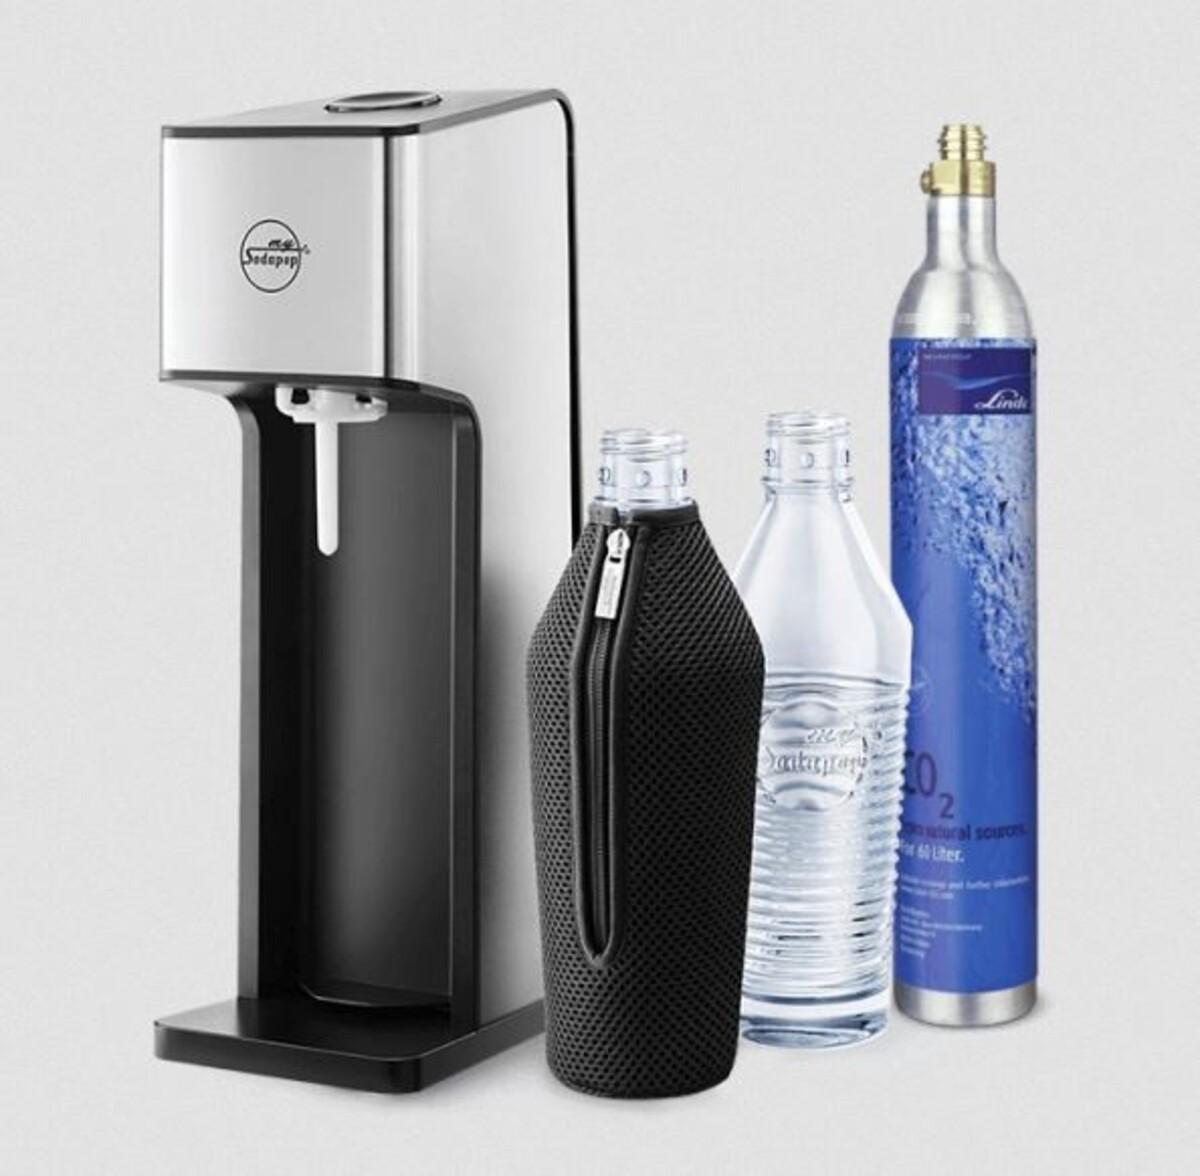 Bild 1 von Sodapop Trinkwassersprudler Sharon | B-Ware - der Artikel wurde 1x getestet und ist technisch einwandfrei - volle gesetzliche Gewährleistung